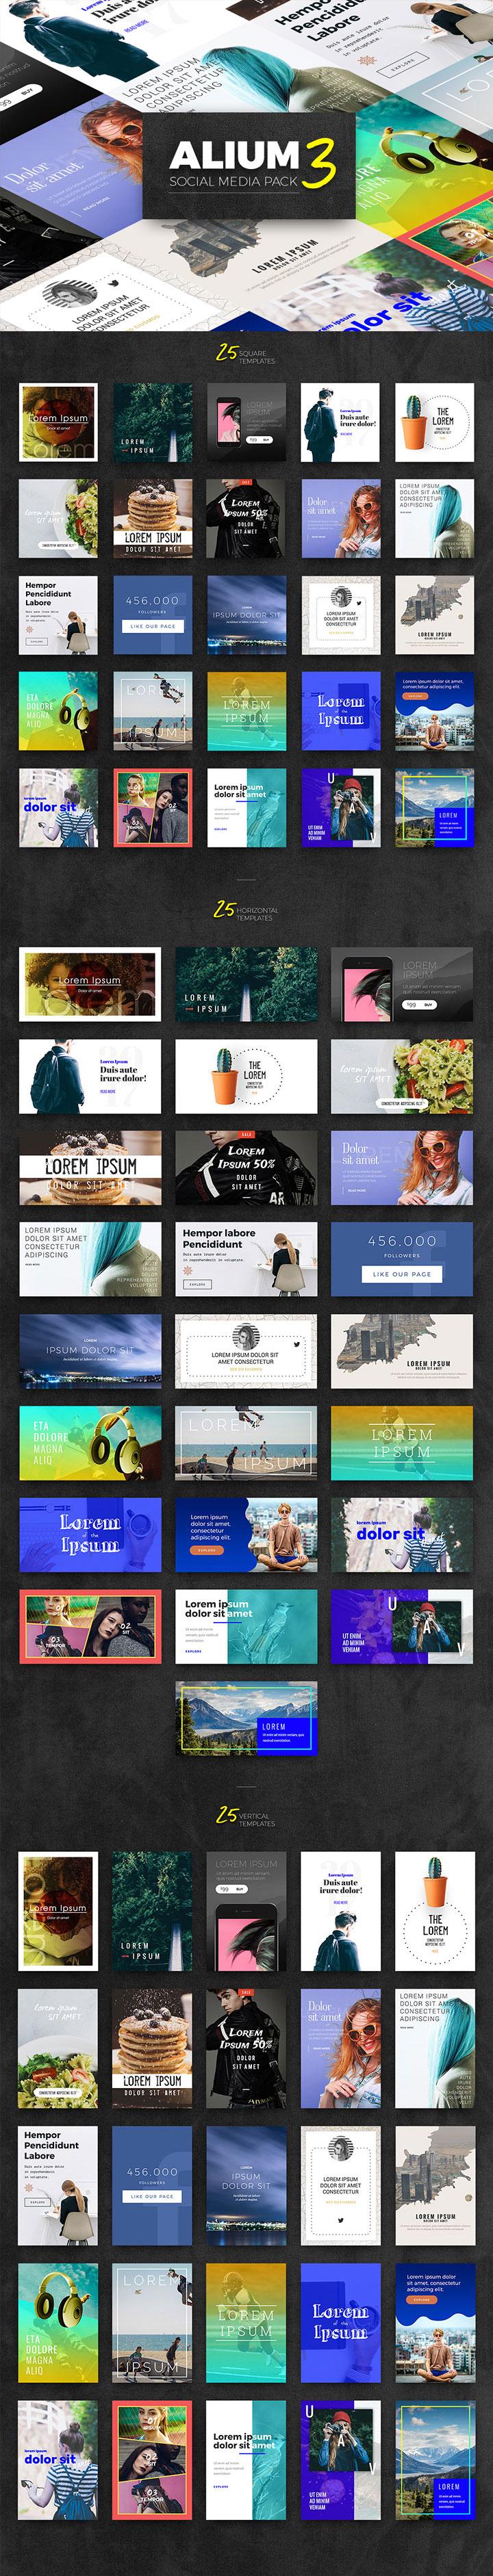 酷炫的SNS社交媒体广告设计模版[PSD]